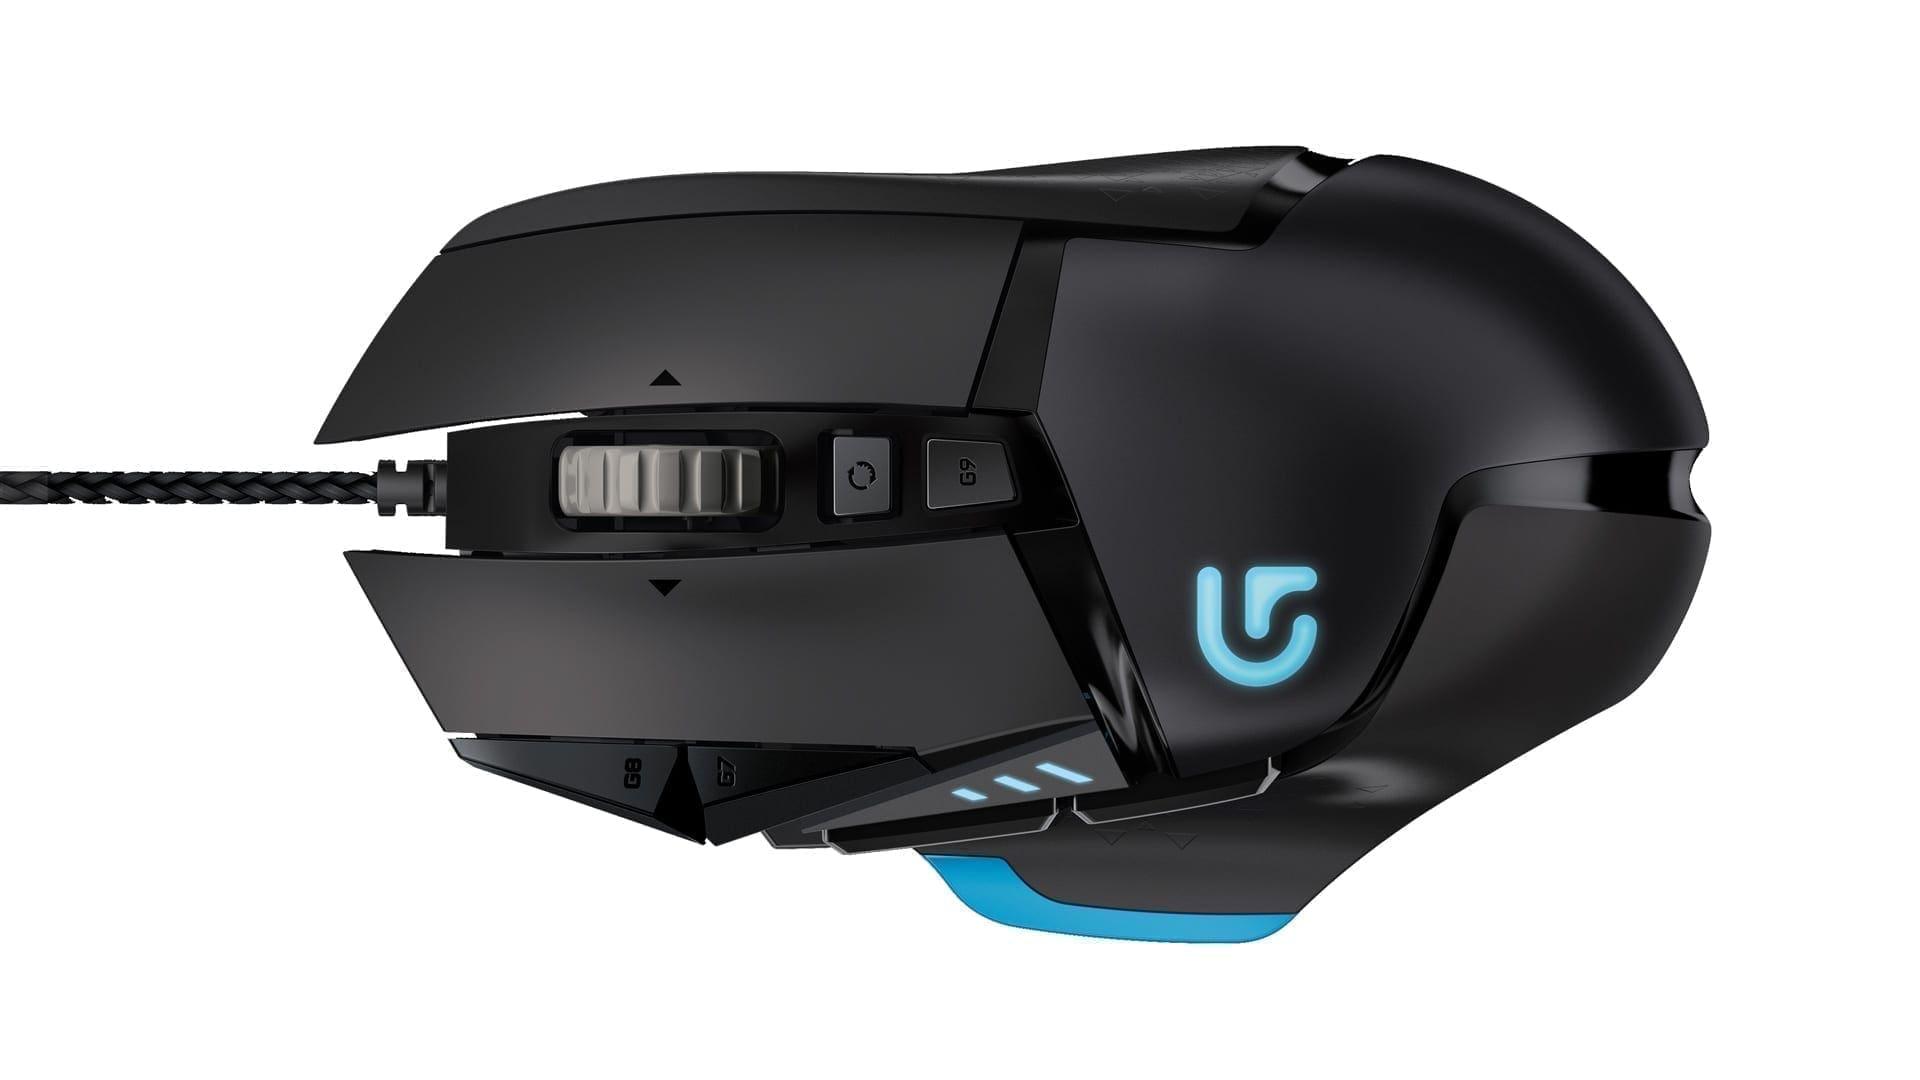 Logitech-G502-3